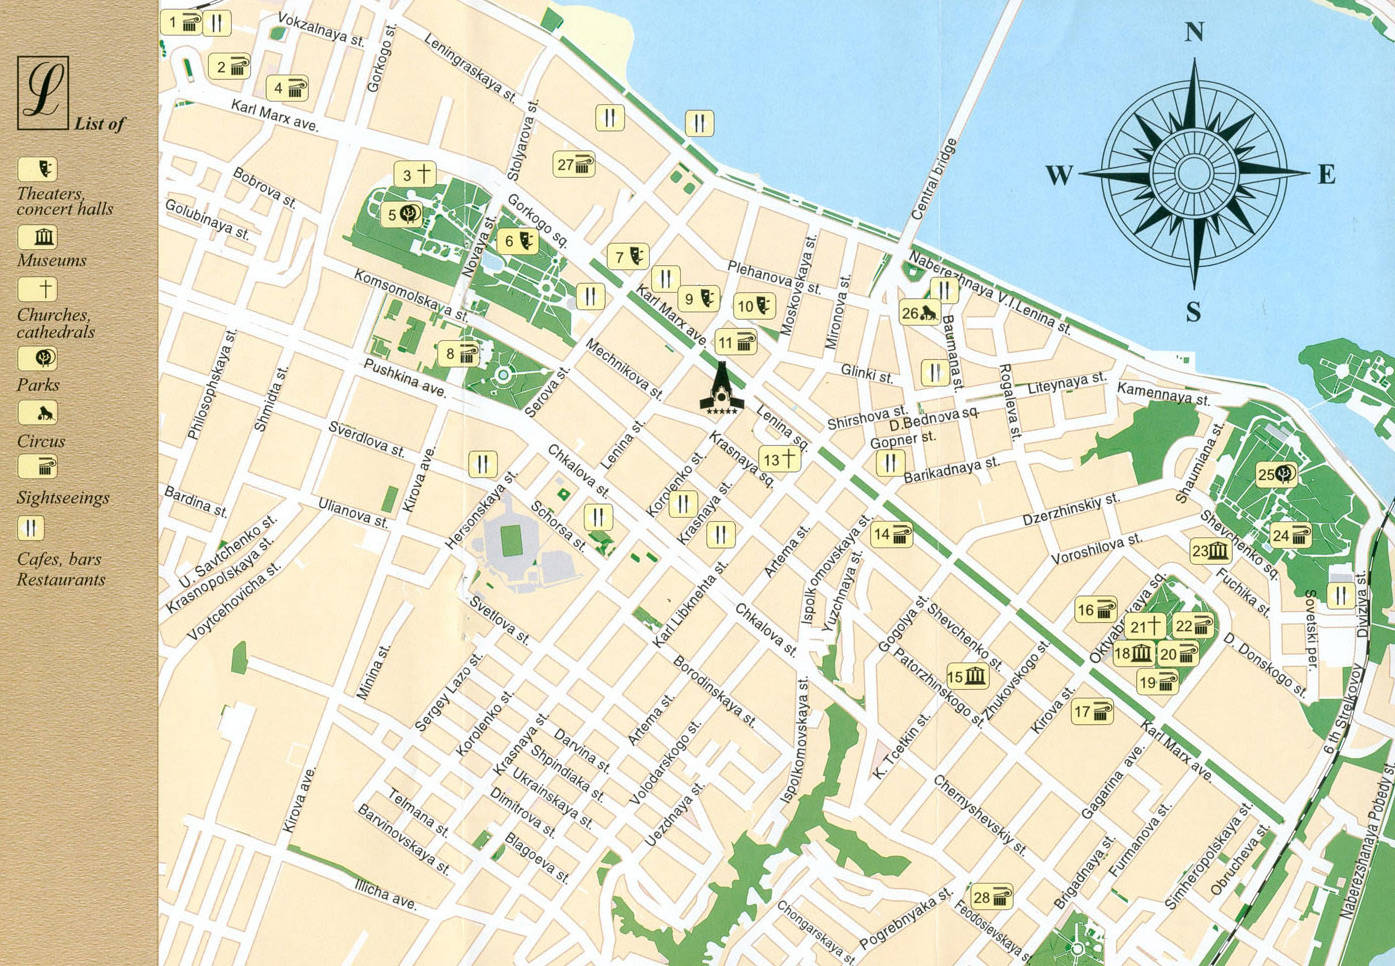 карта города днепропетровска с улицами и домами подробно замок